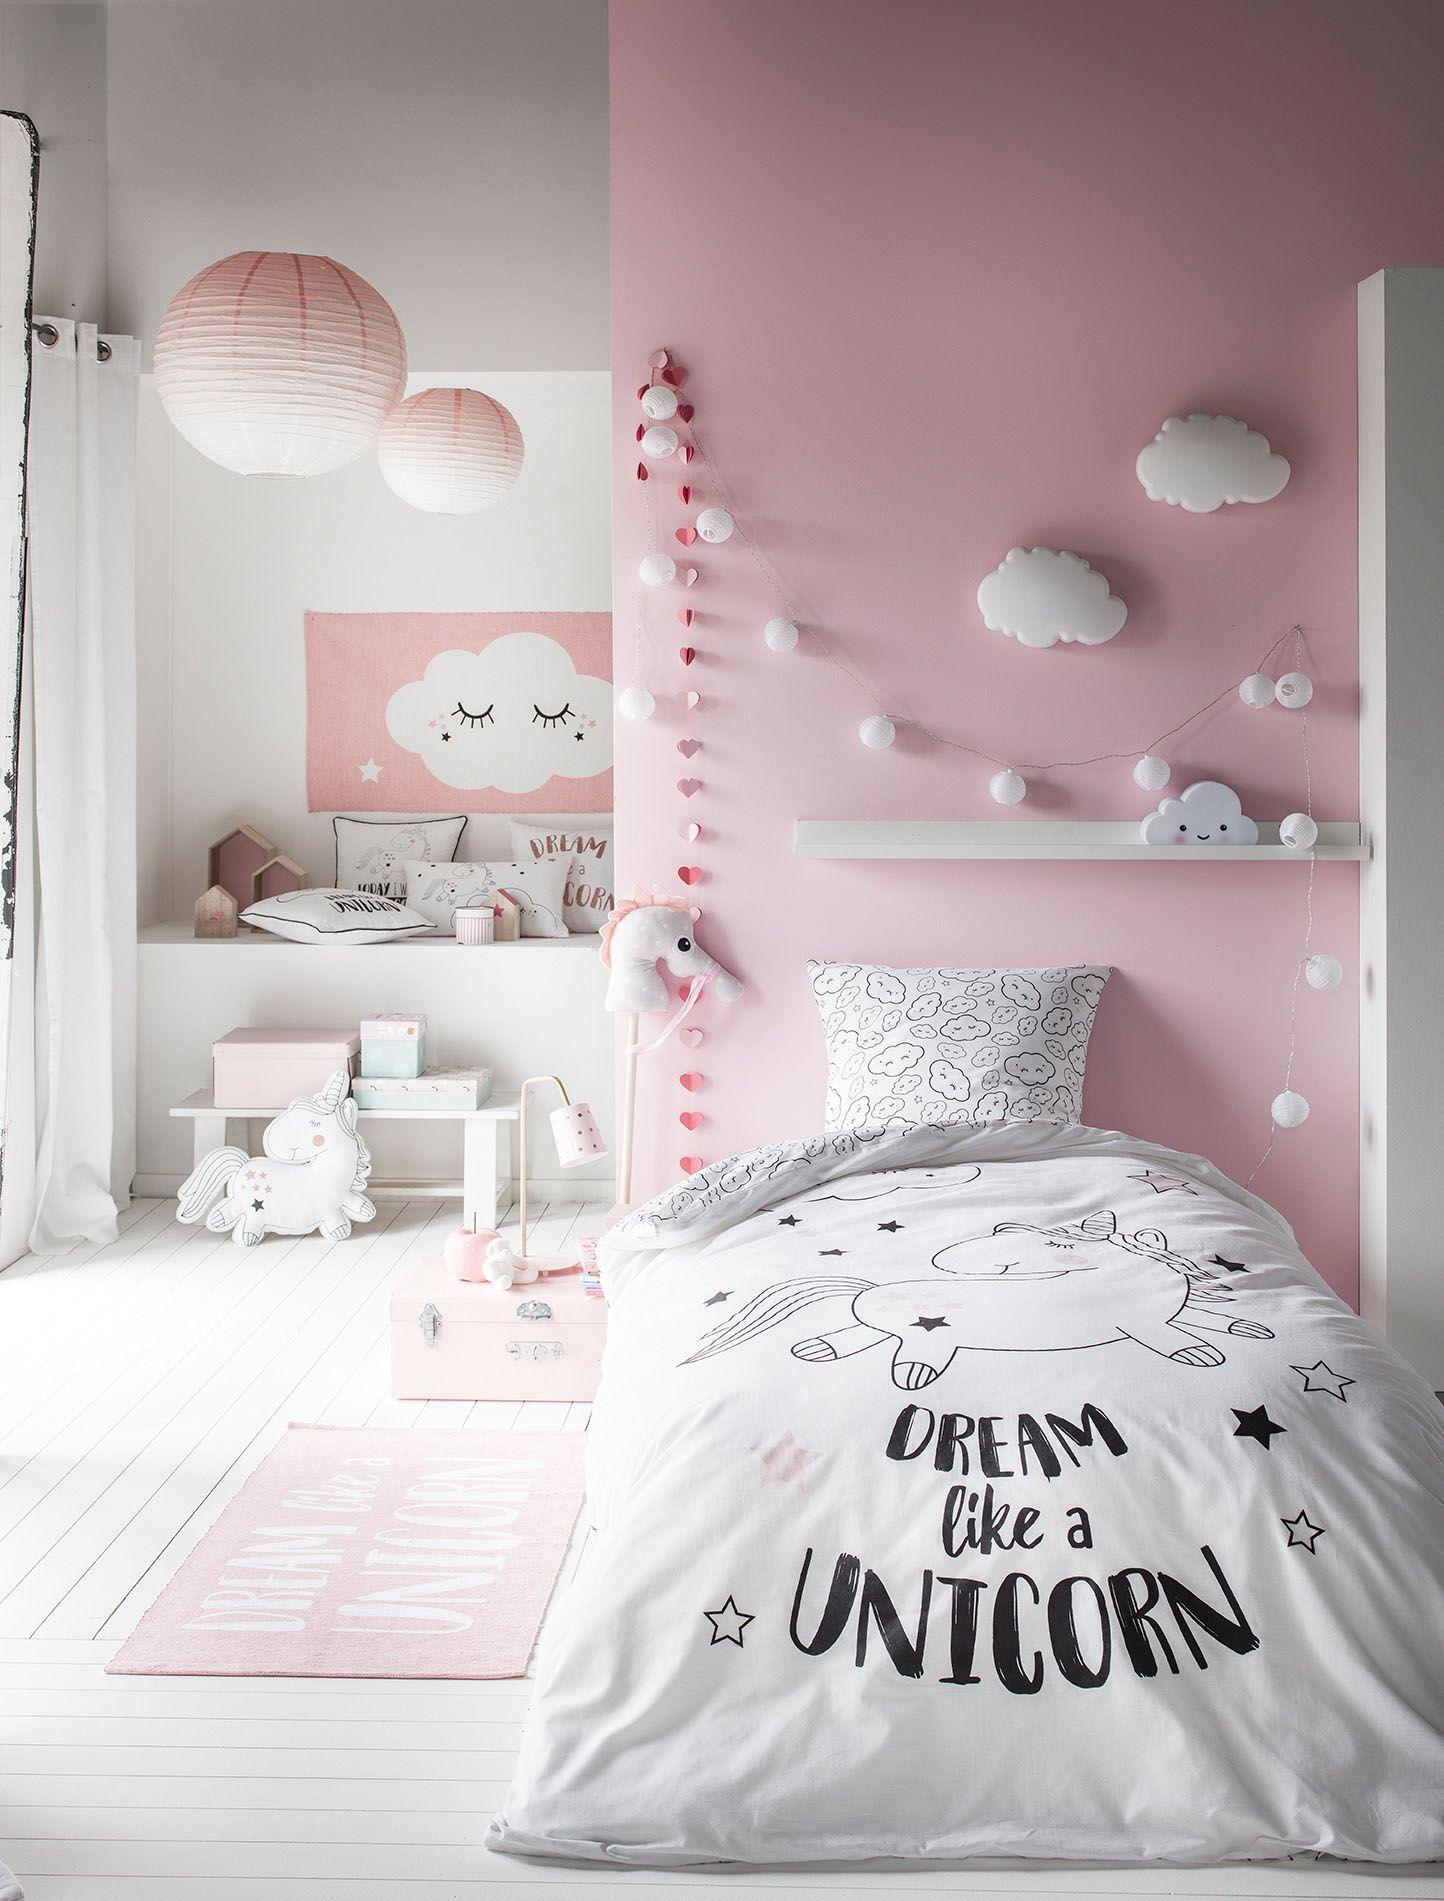 Licorne  Idees deco chambre fille, Deco chambre, Deco chambre